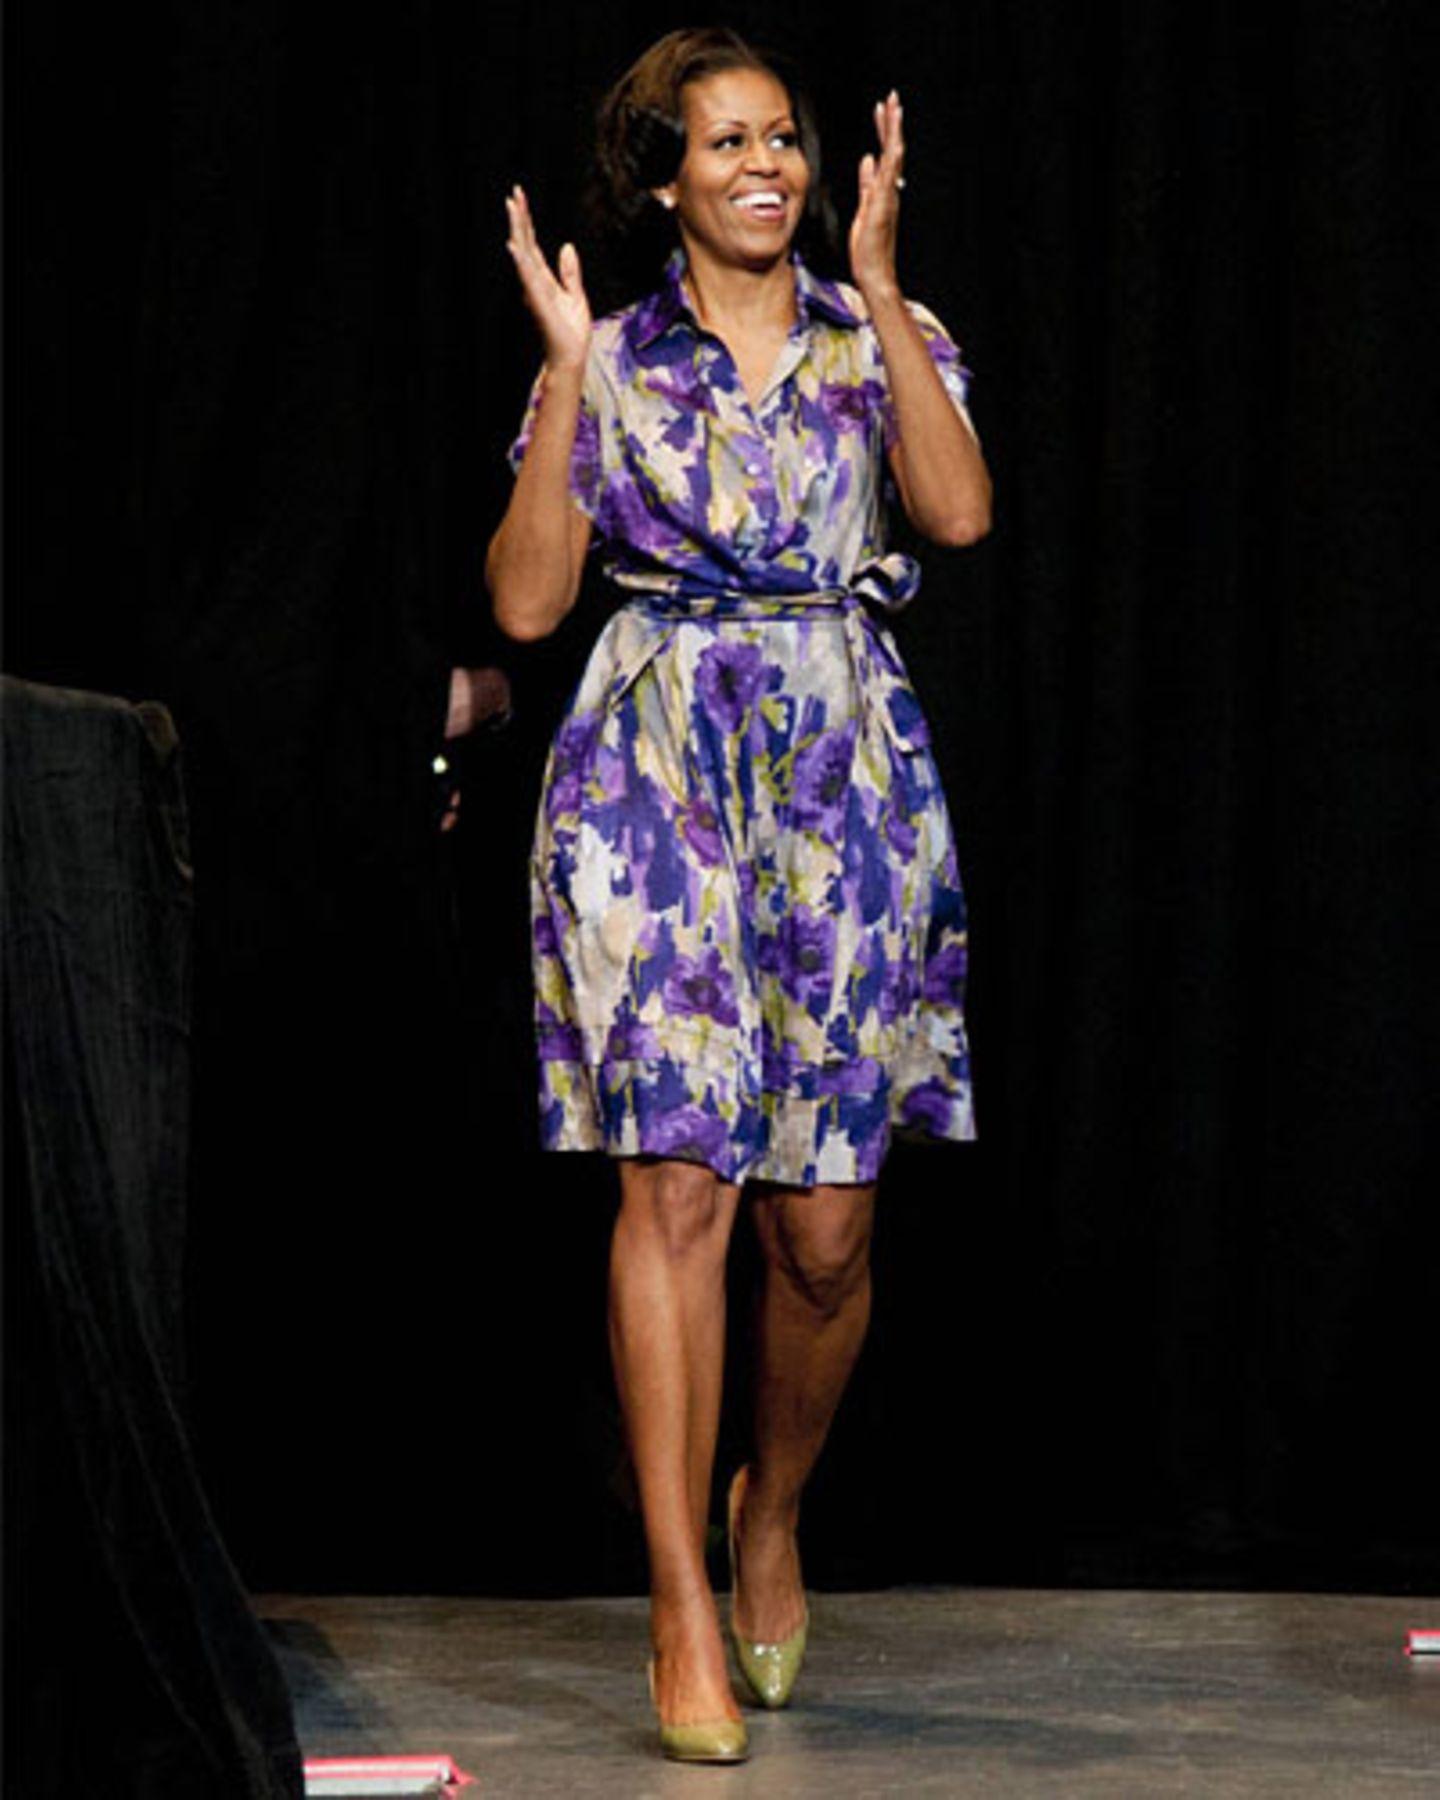 Powerlaune beim Wahlkampf auf den letzten Metern: Hier feuerte Michelle die demokratische Basis in Miami an, alles zu geben - noch fünf Tage bis zur Wahl waren es bei diesem Bild. Wir merken uns: Violett+Weiß+Grau (Hemdblusenkleid)+Schlammgrün (Lackpumps) = super Outfit.